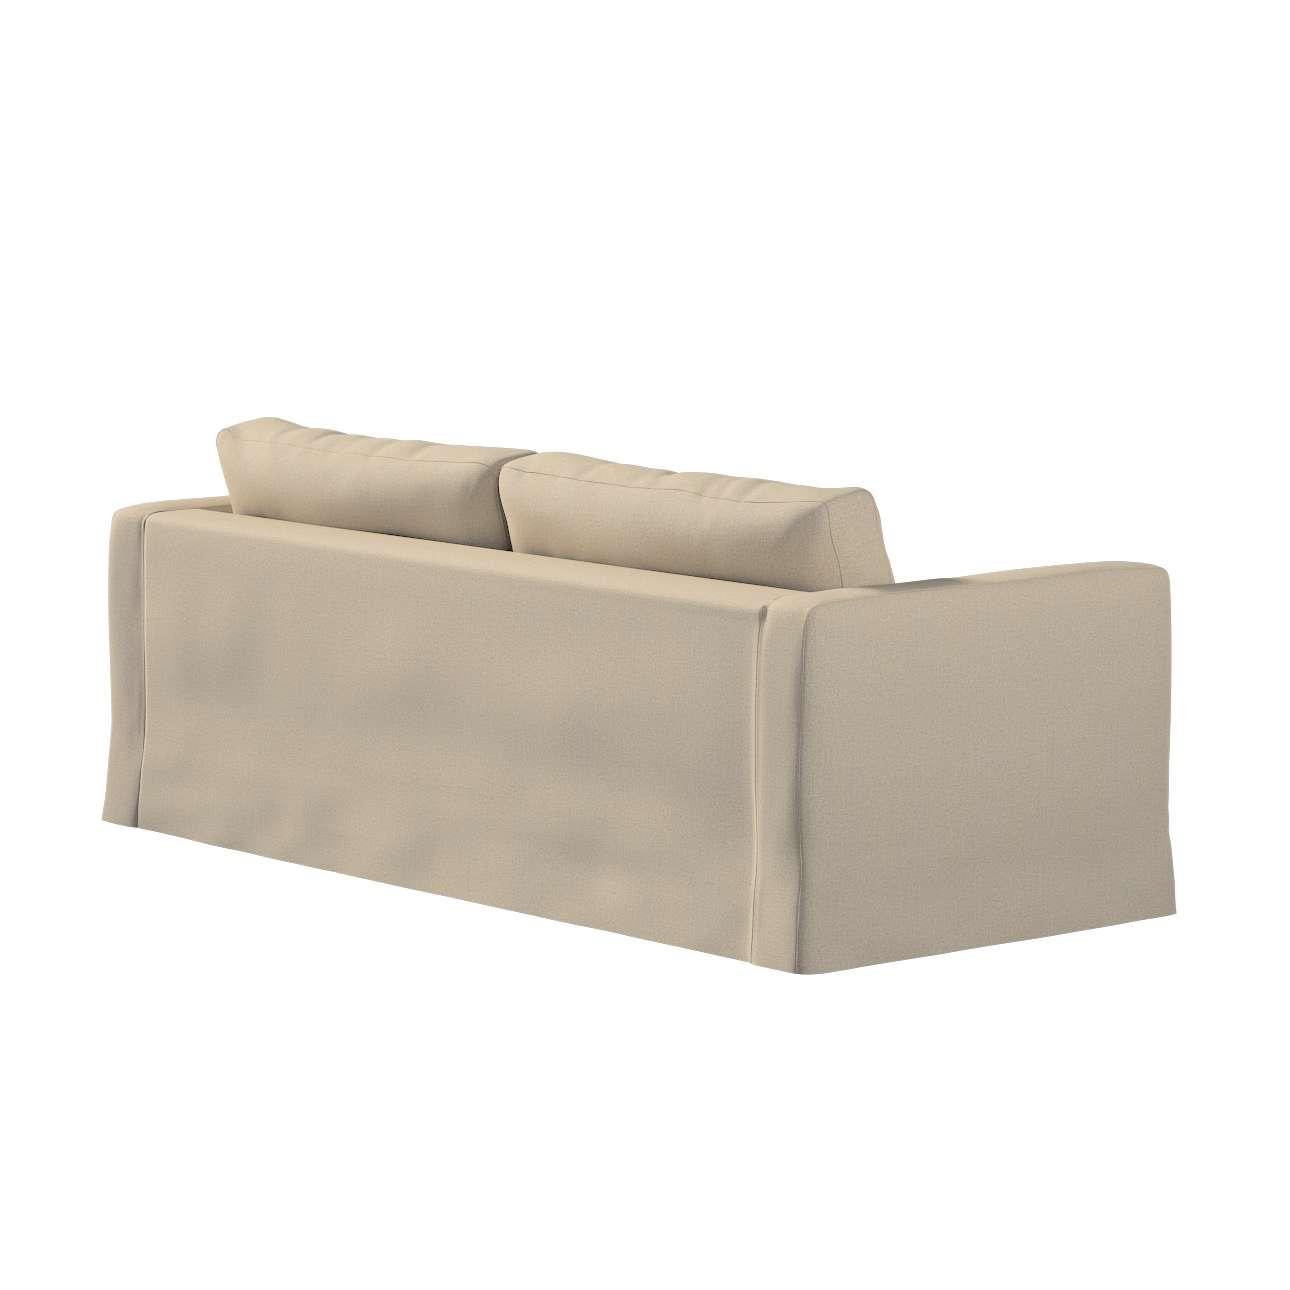 Hoes (lang) voor IKEA-Karlstad 3-zitsbank van de collectie Edinburgh, Stof: 115-78